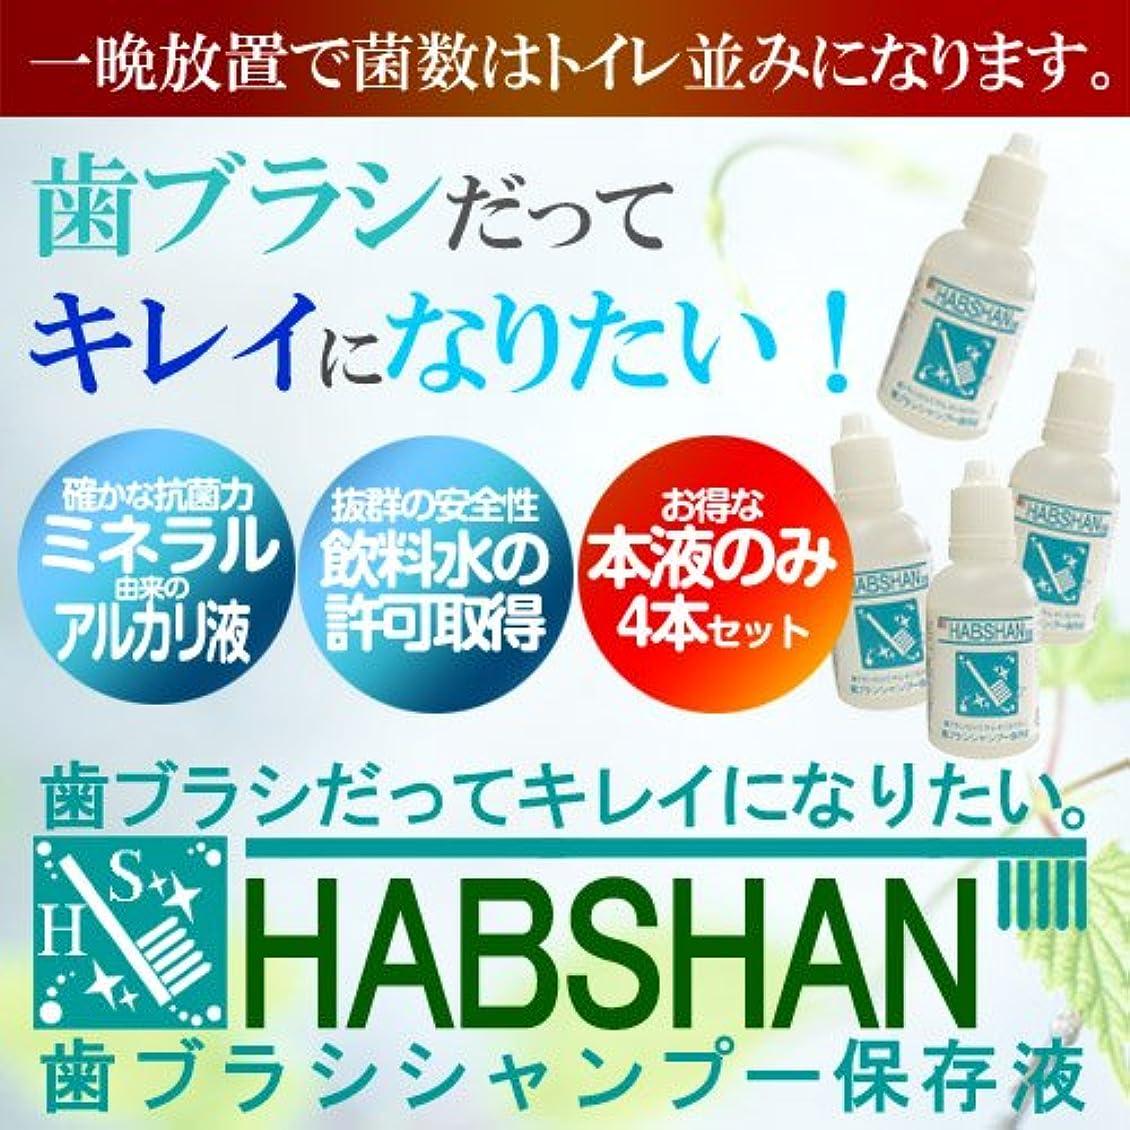 予想外絡まるずらすHABSHAN ハブシャン50ml4本セット 歯ブラシシャンプー 歯ブラシ 洗浄 汚れ 菌 ケア 綺麗 臭い 匂い におい ニオイ 保存液 手入れ